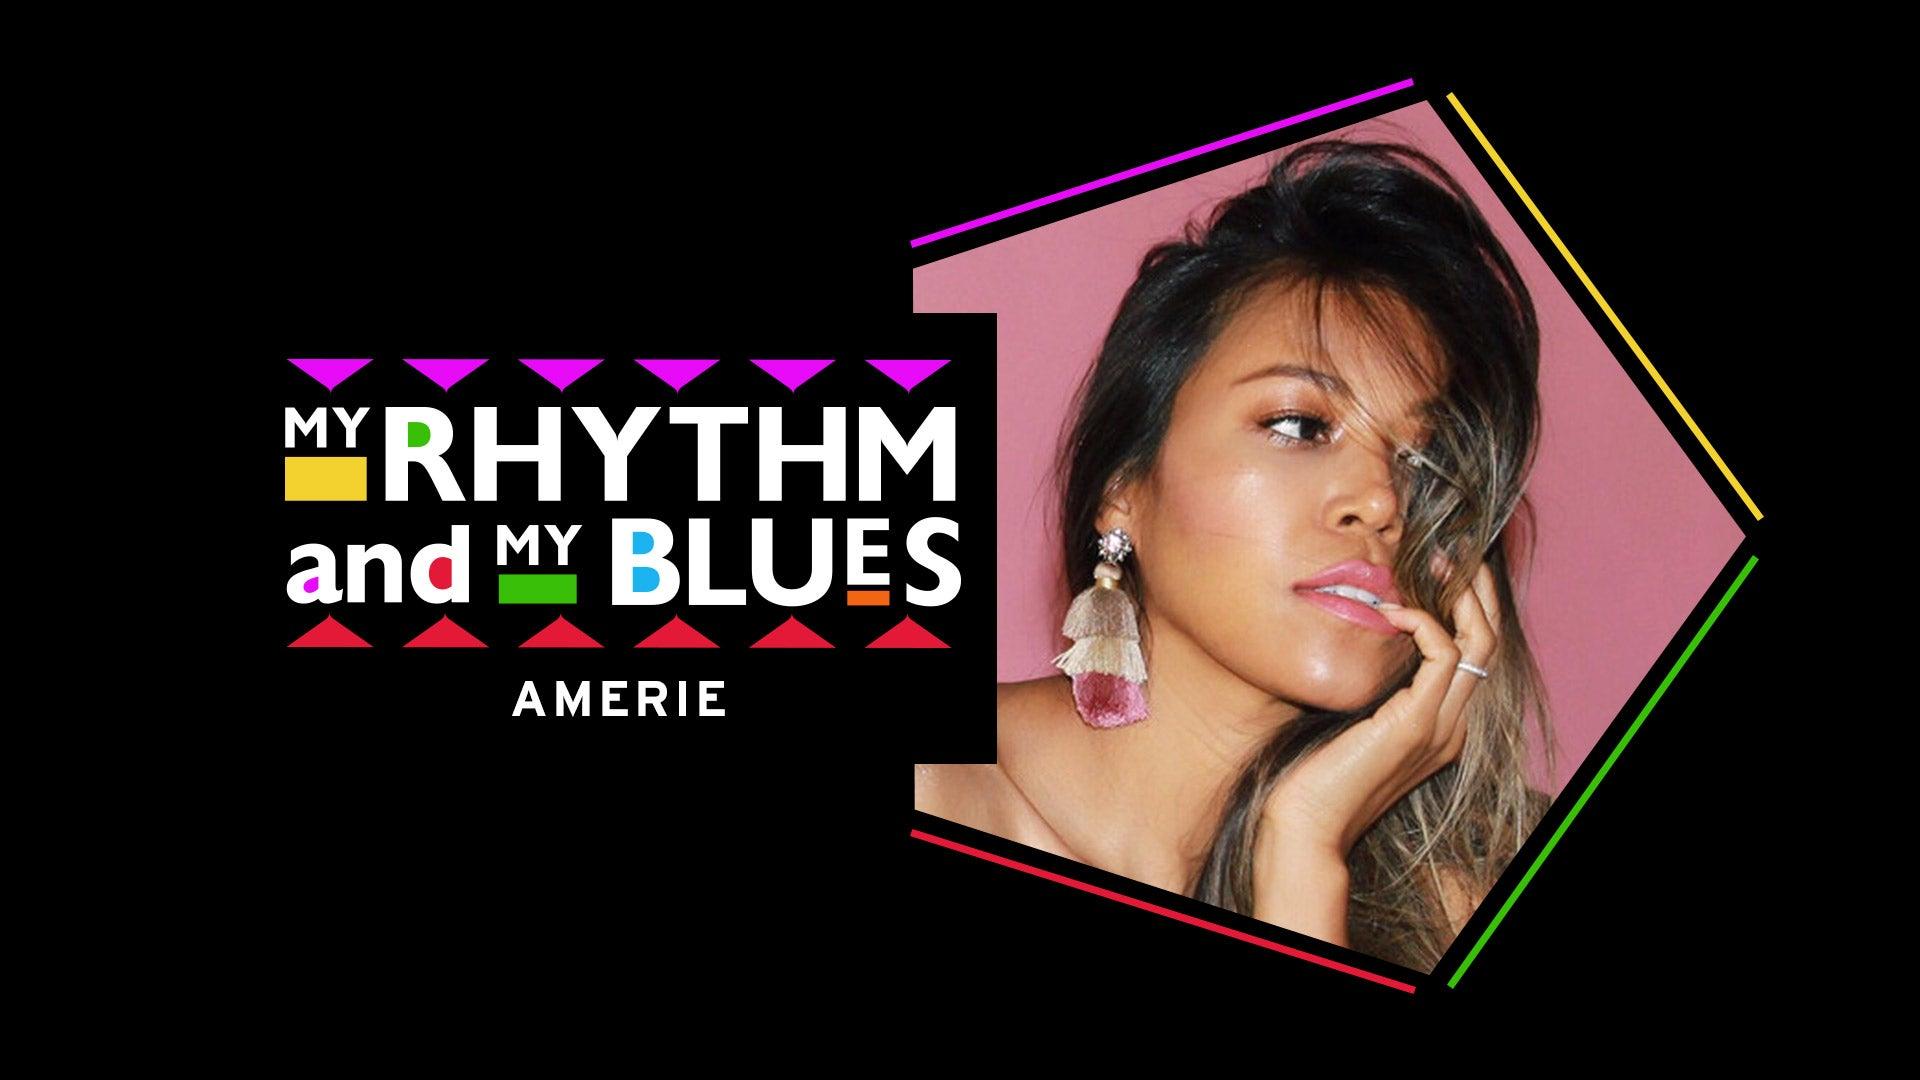 My Rhythm and My Blues: Amerie